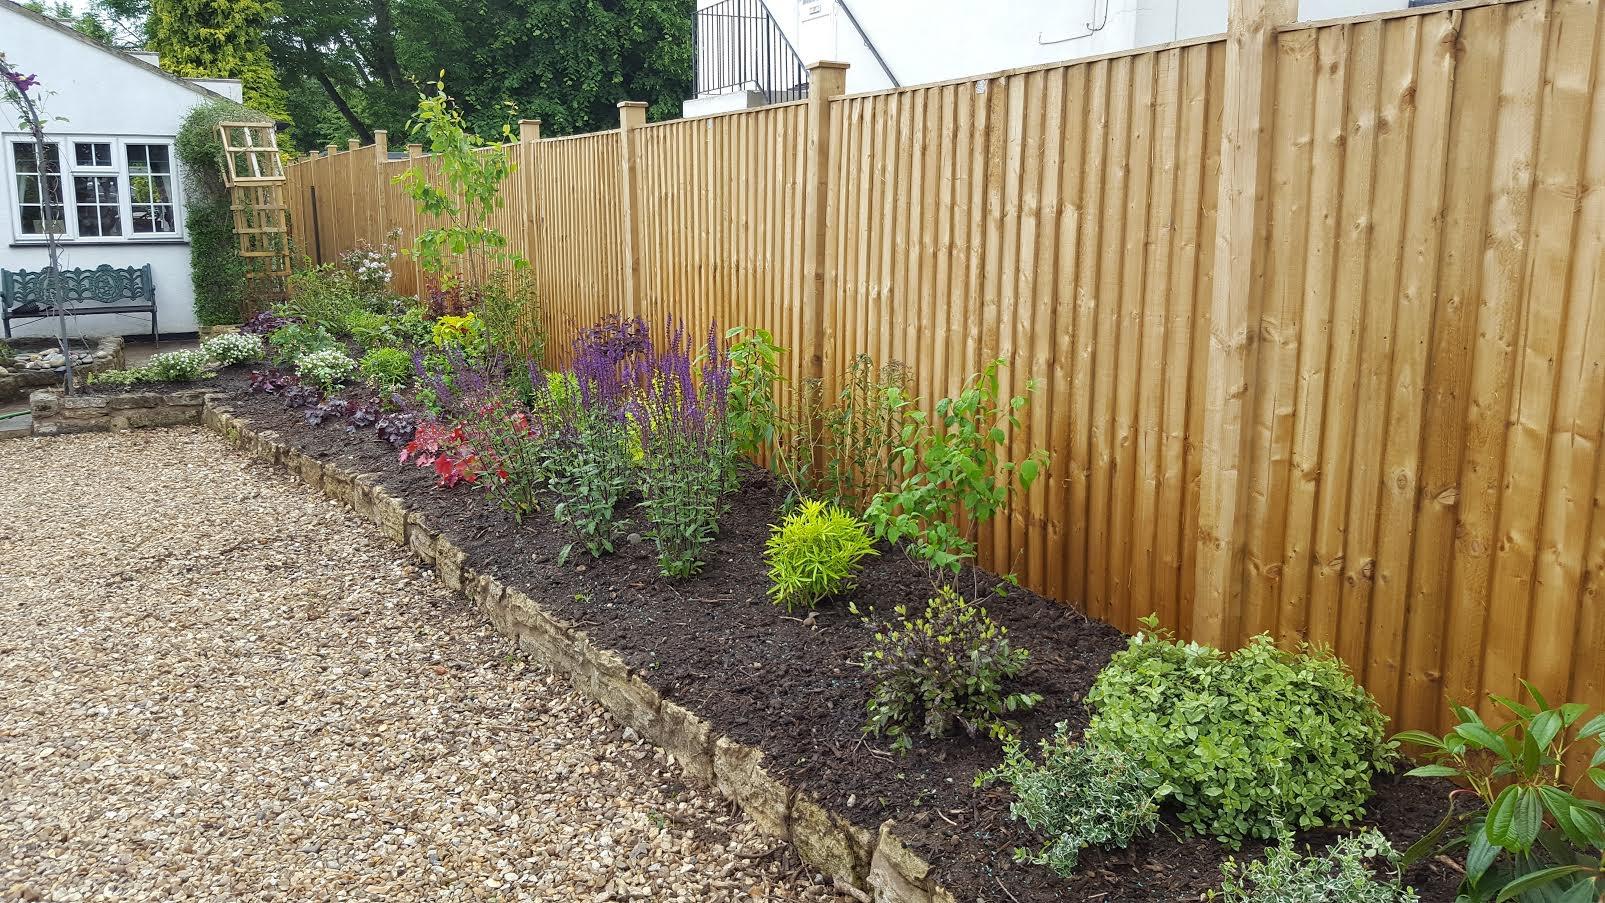 Micklethwaite garden June 2017 1